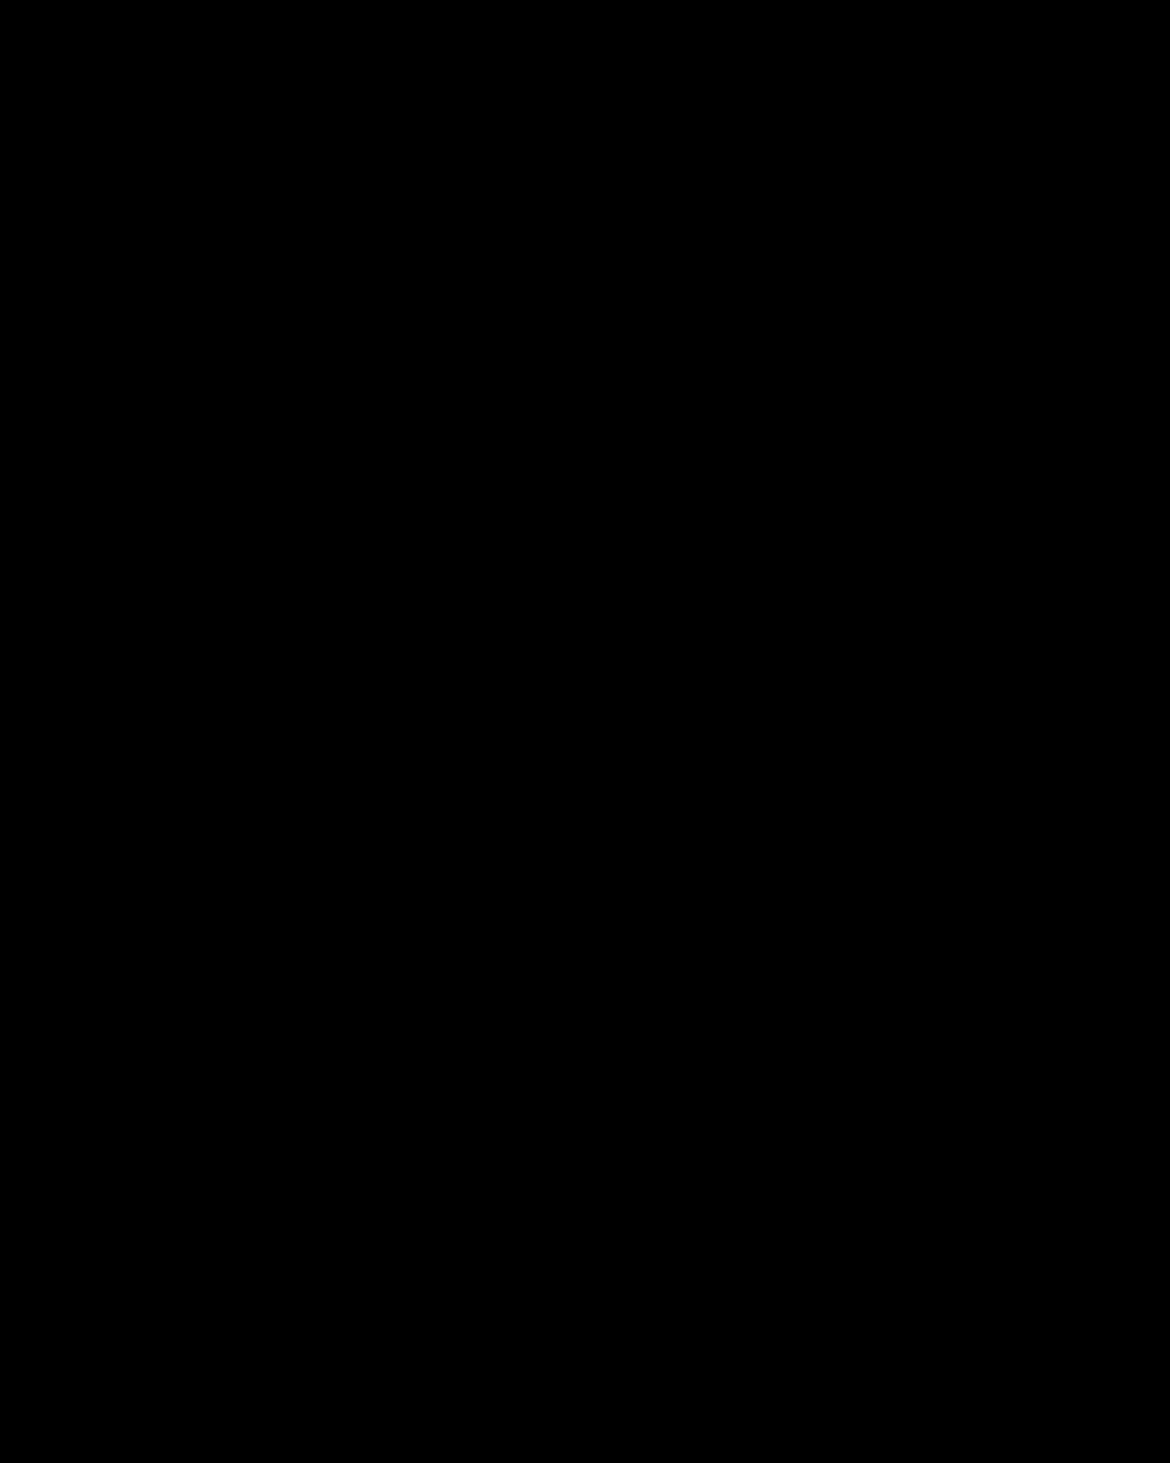 Laura Comolli al Canaves Oia, Vacanza a Santorini - Cosa vedere e dove andare